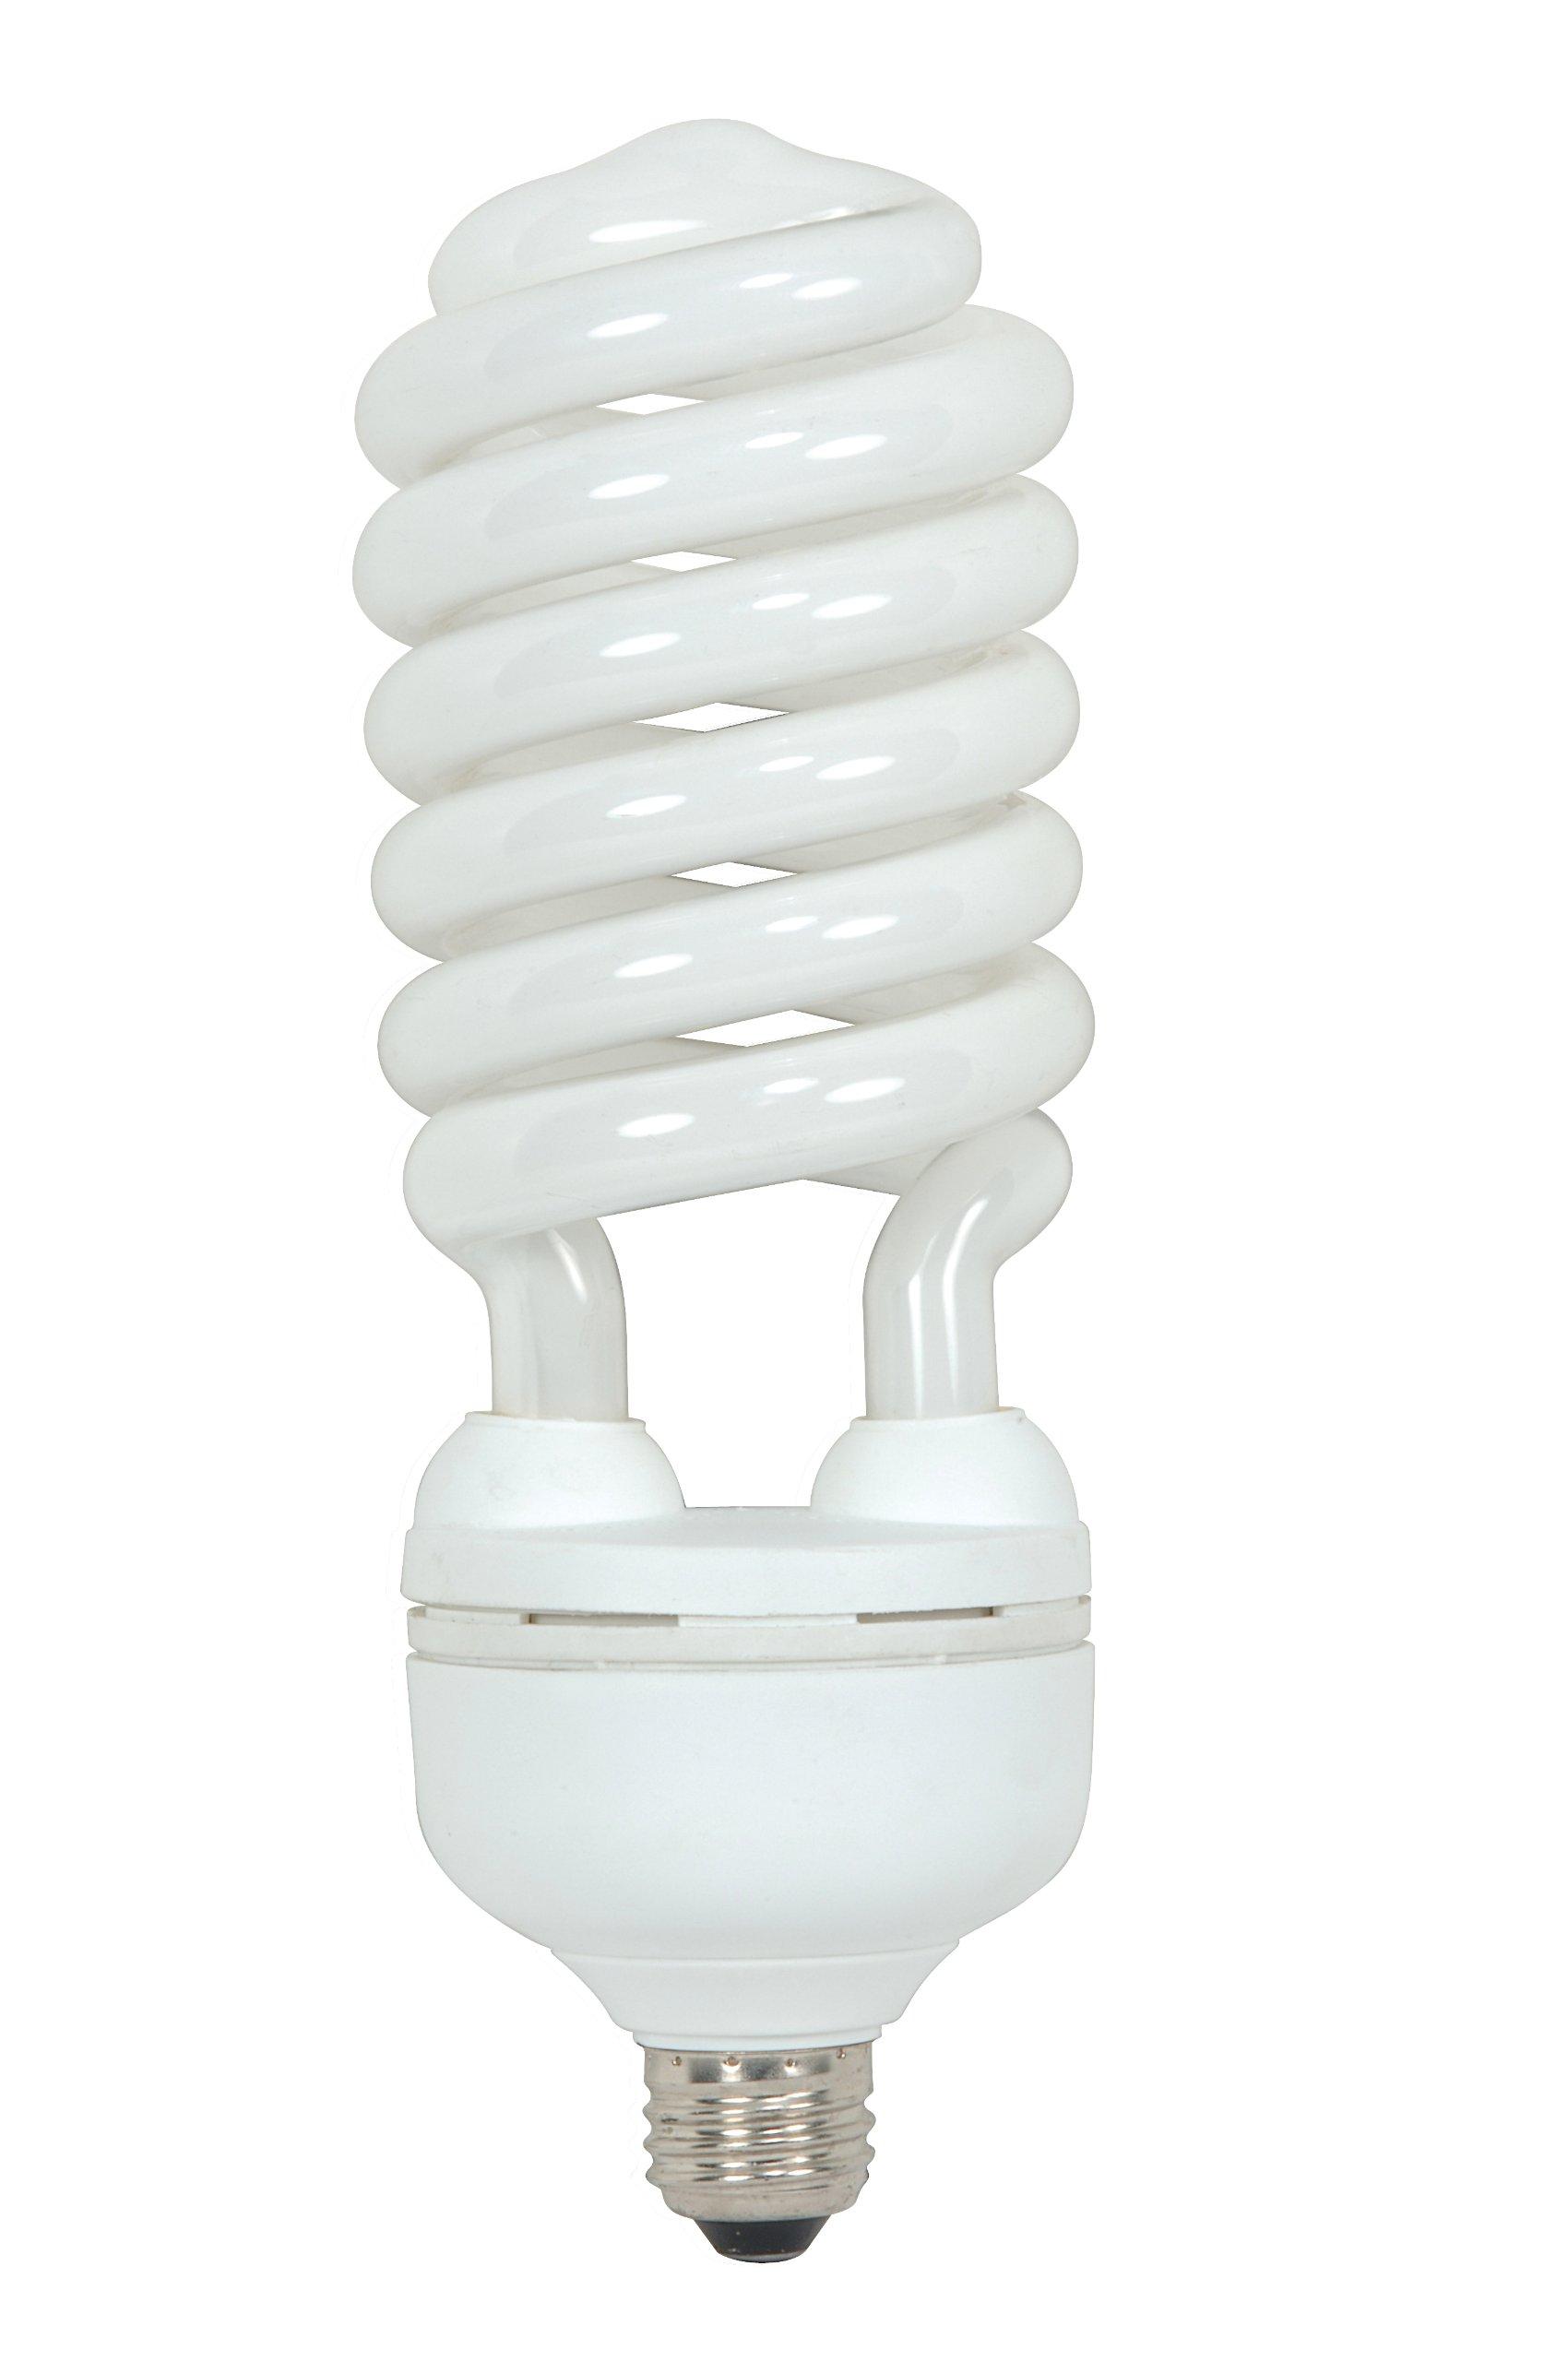 Satco S7339 55 Watt (250 Watt) 3700 Lumens Hi-Pro Spiral CFL Daylight White 5000K Medium Base 120 Volt Light Bulb